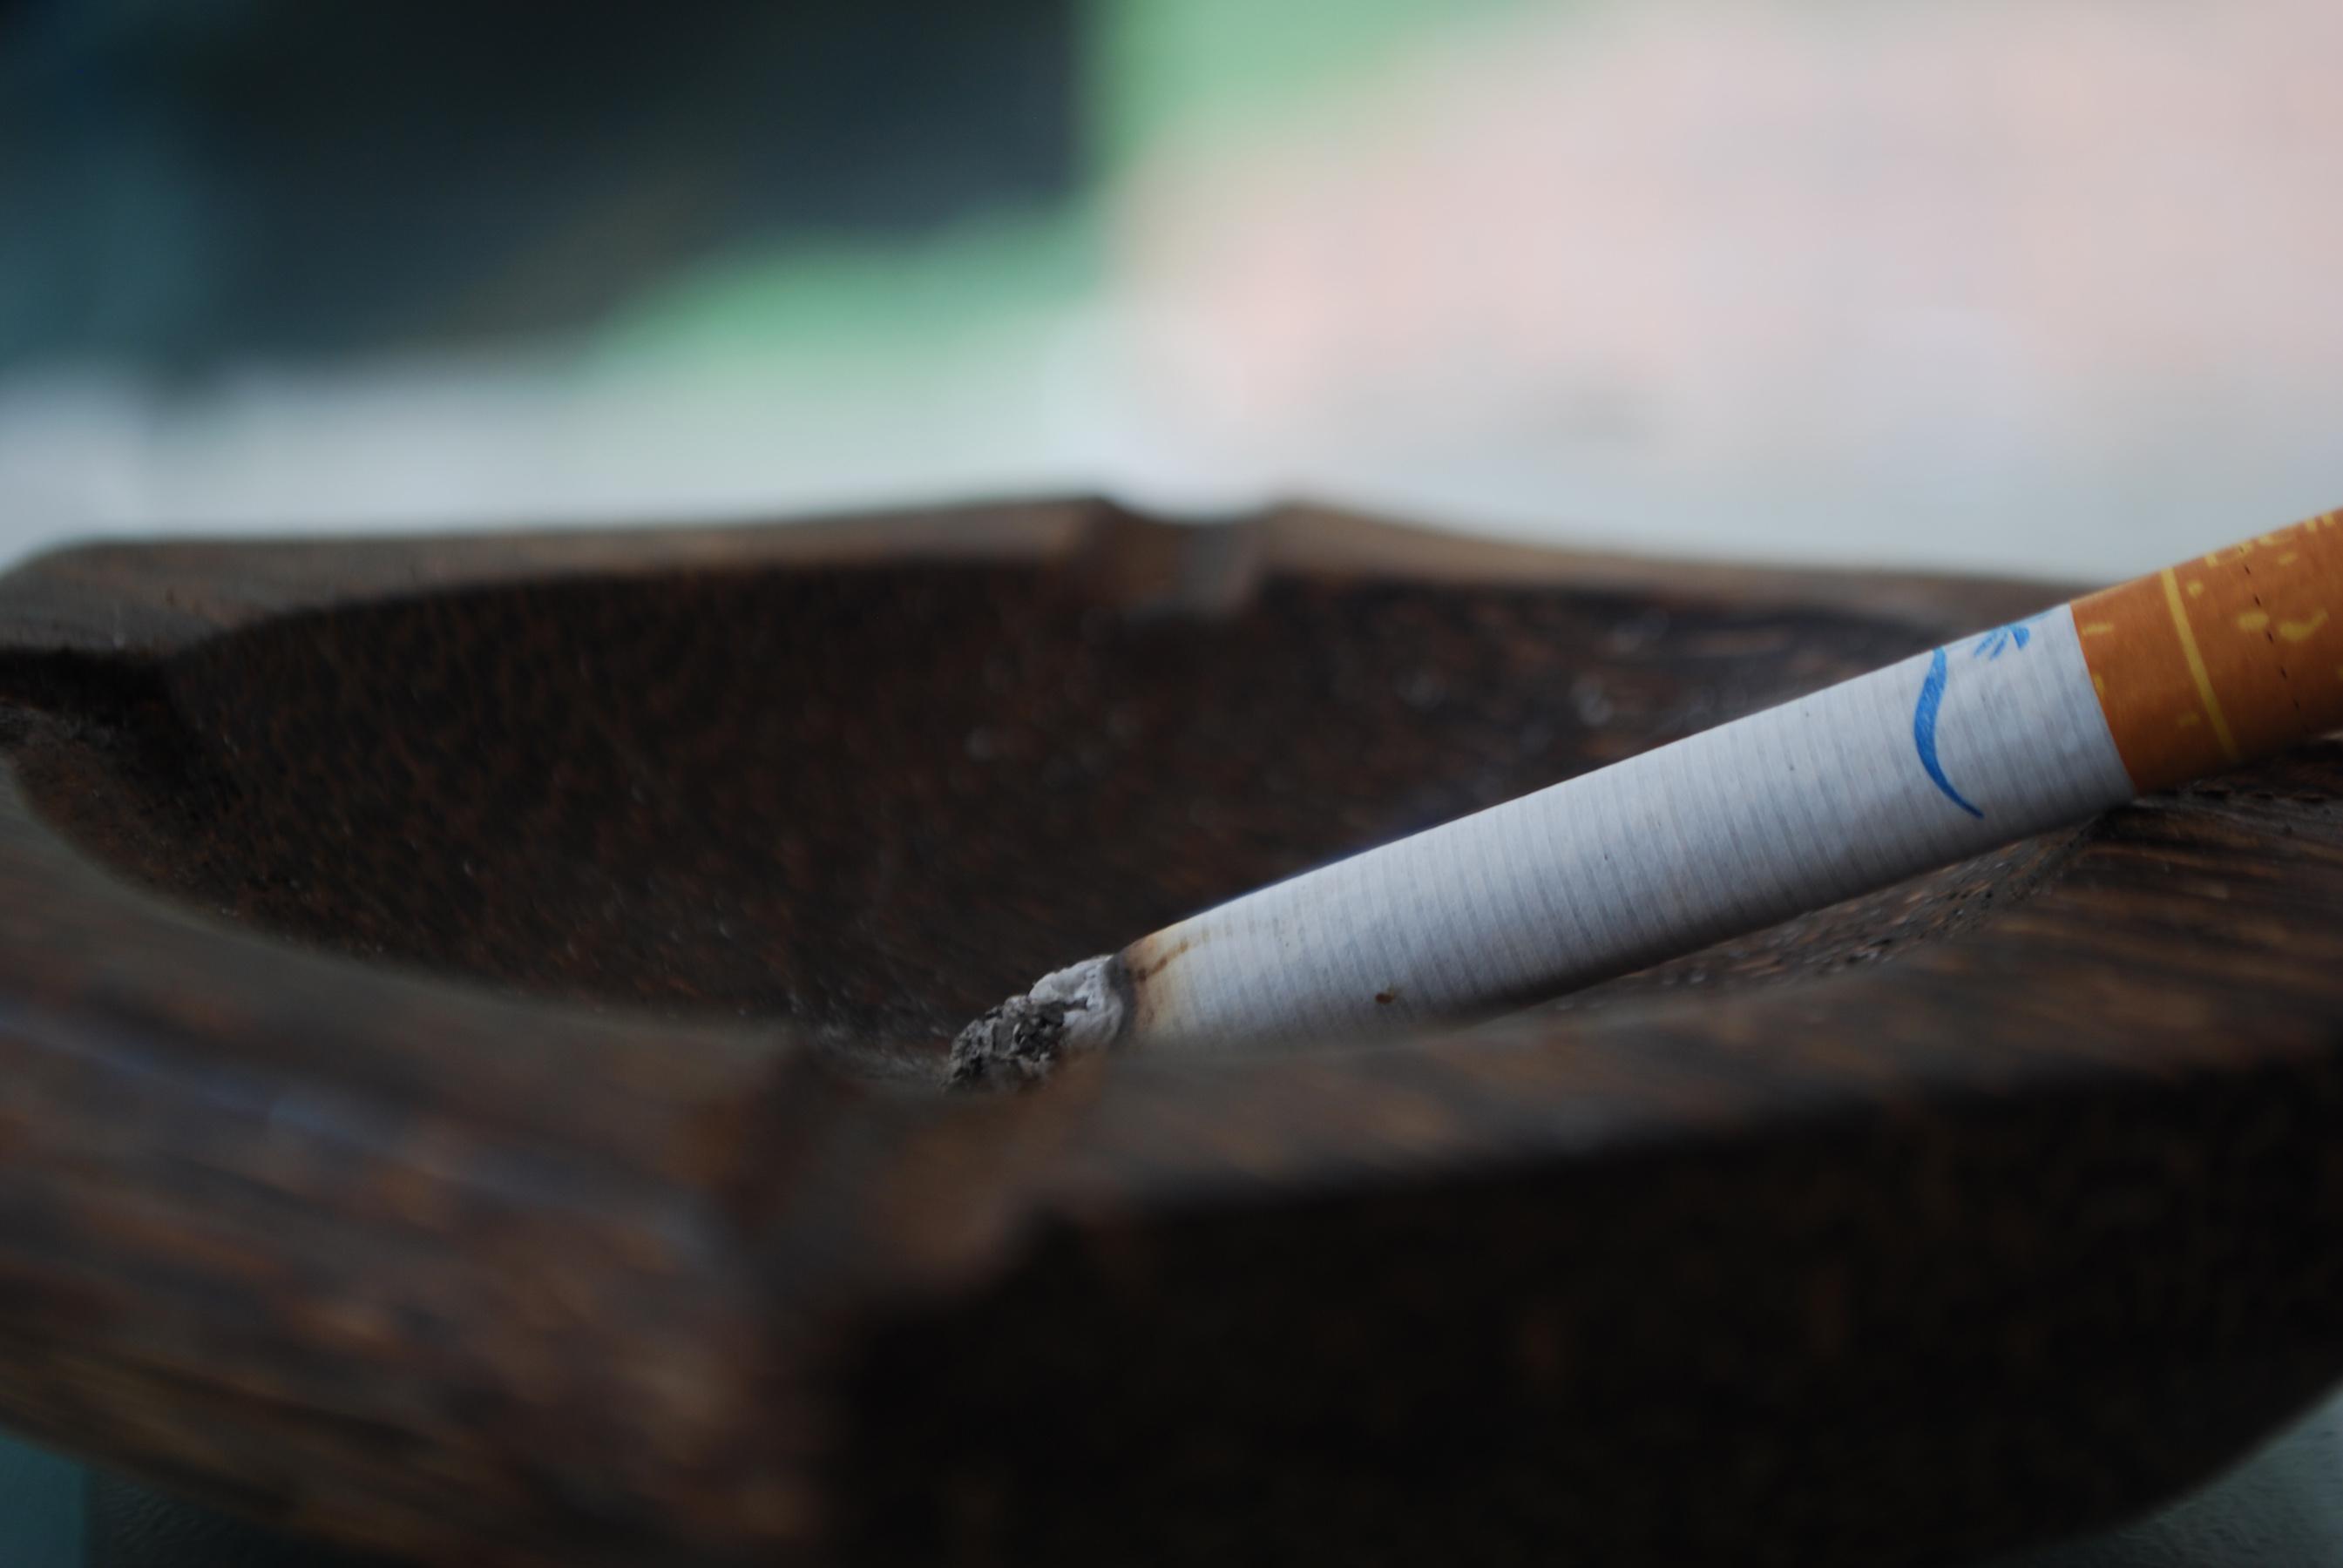 Marlene Fumando espero 6 x 8, 067